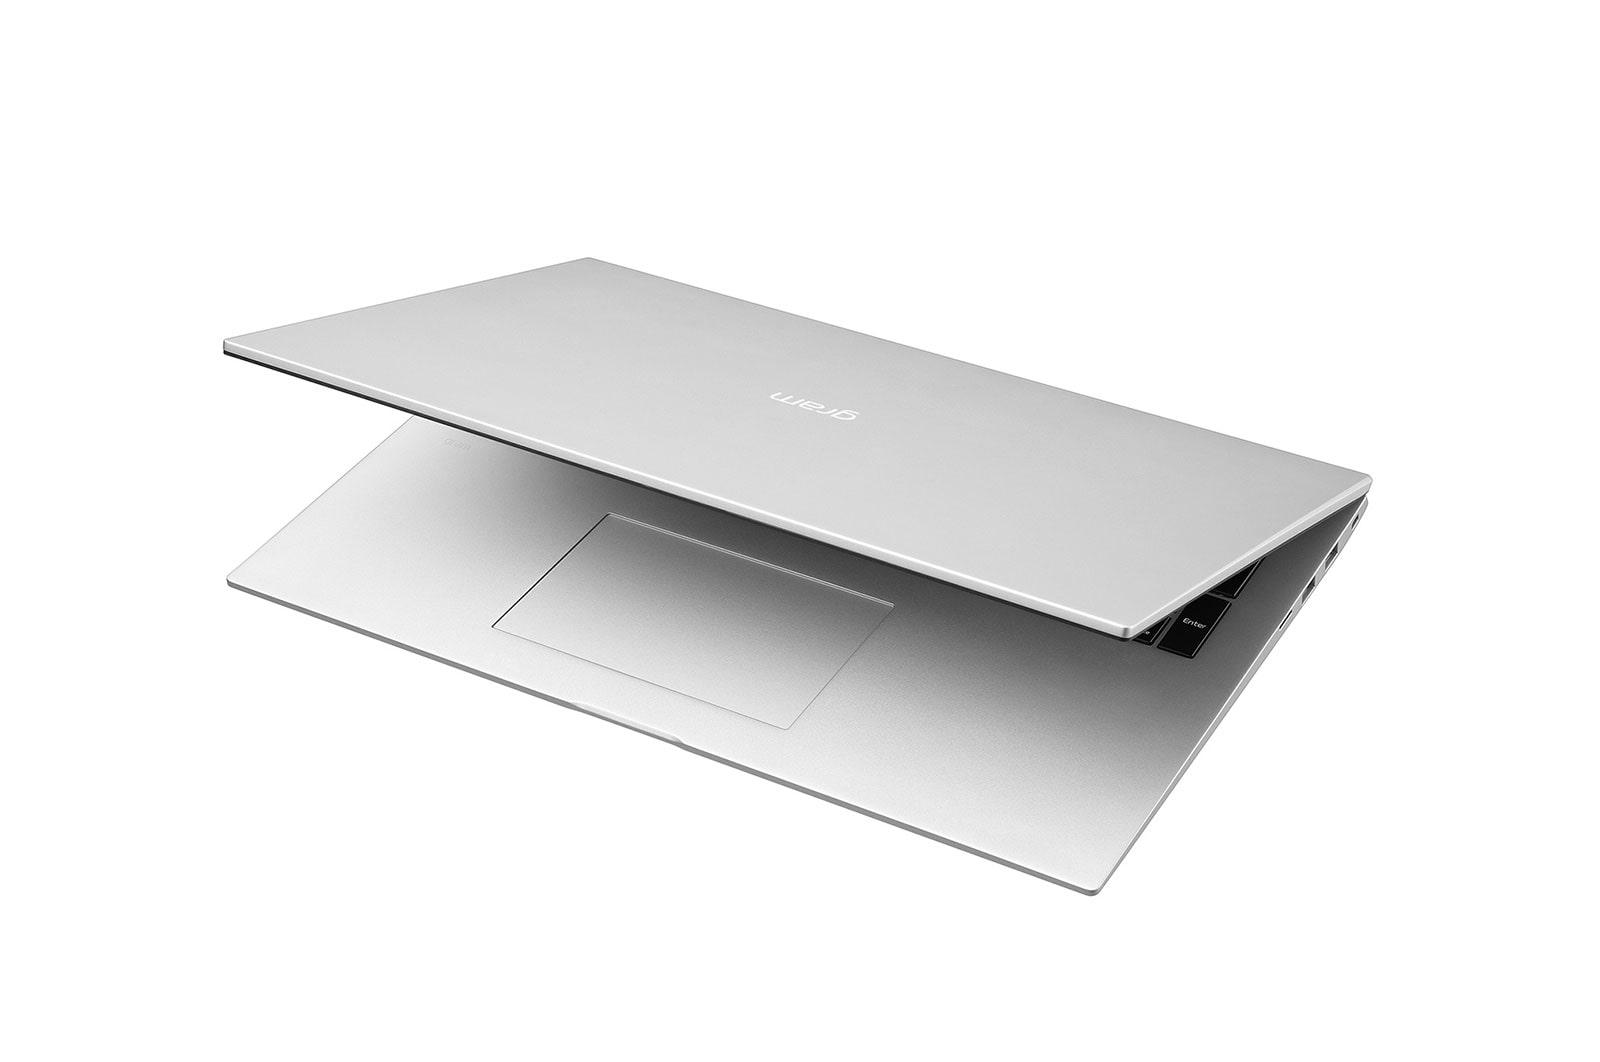 LG Laptop LG gram 17'', Windows 10 Home, Intel® Core™ i7 Gen11, 16GB, 512GB, 16:10, Hình từ góc -30 độ và dựng màn một chút, 17Z90P-G.AH76A5